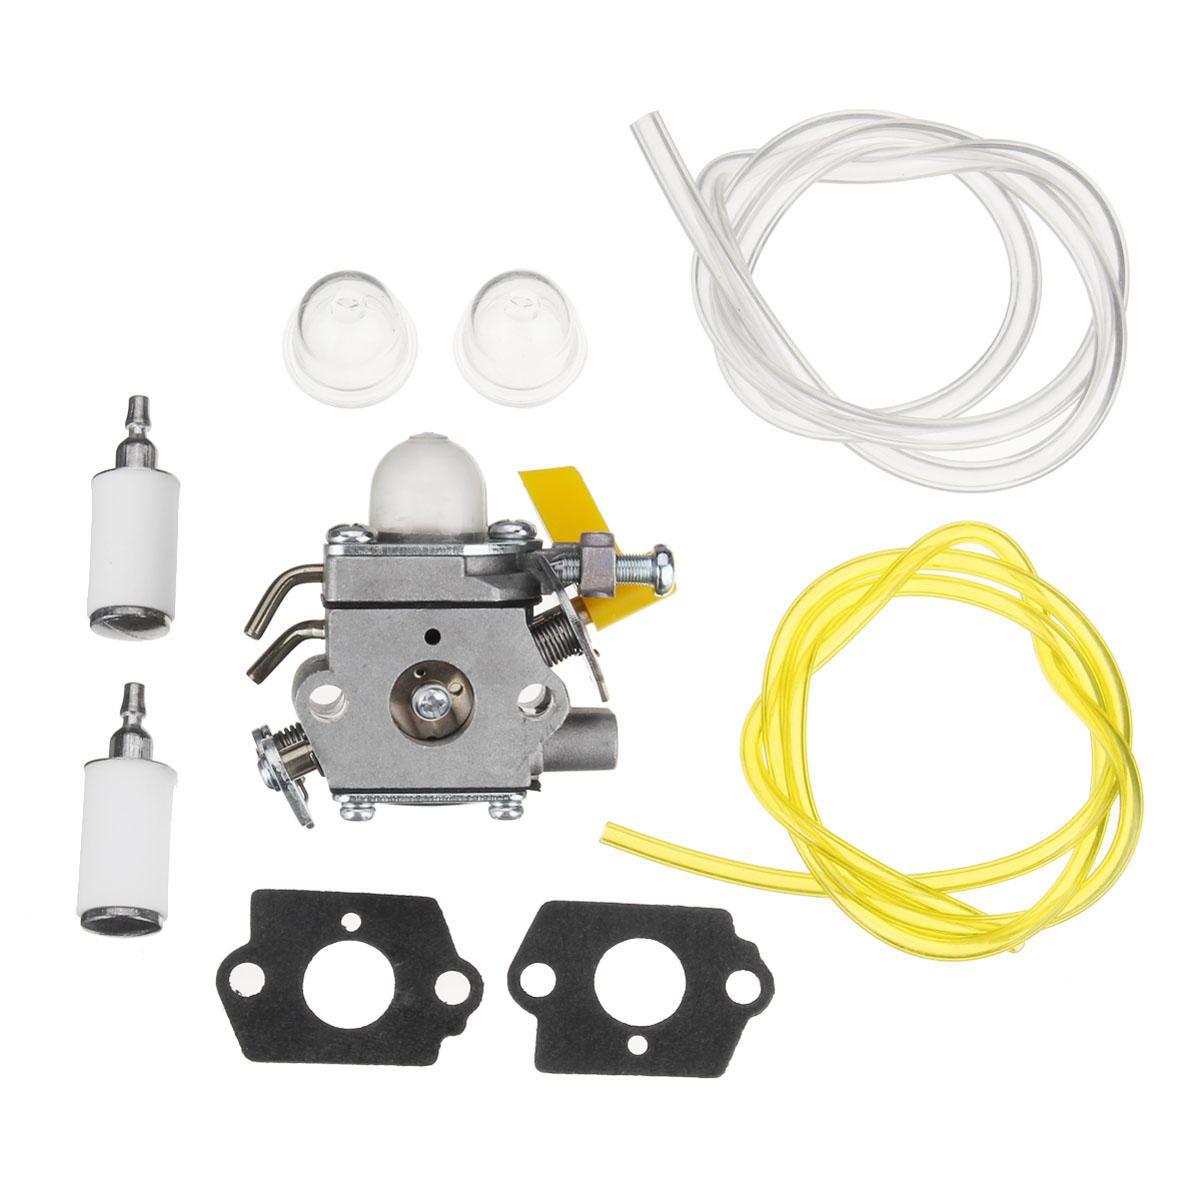 medium resolution of carburetor for yobi homelite ut 60526 ry09550 ry09050 ry09551 308054032 primer bulb fuel filter o sale